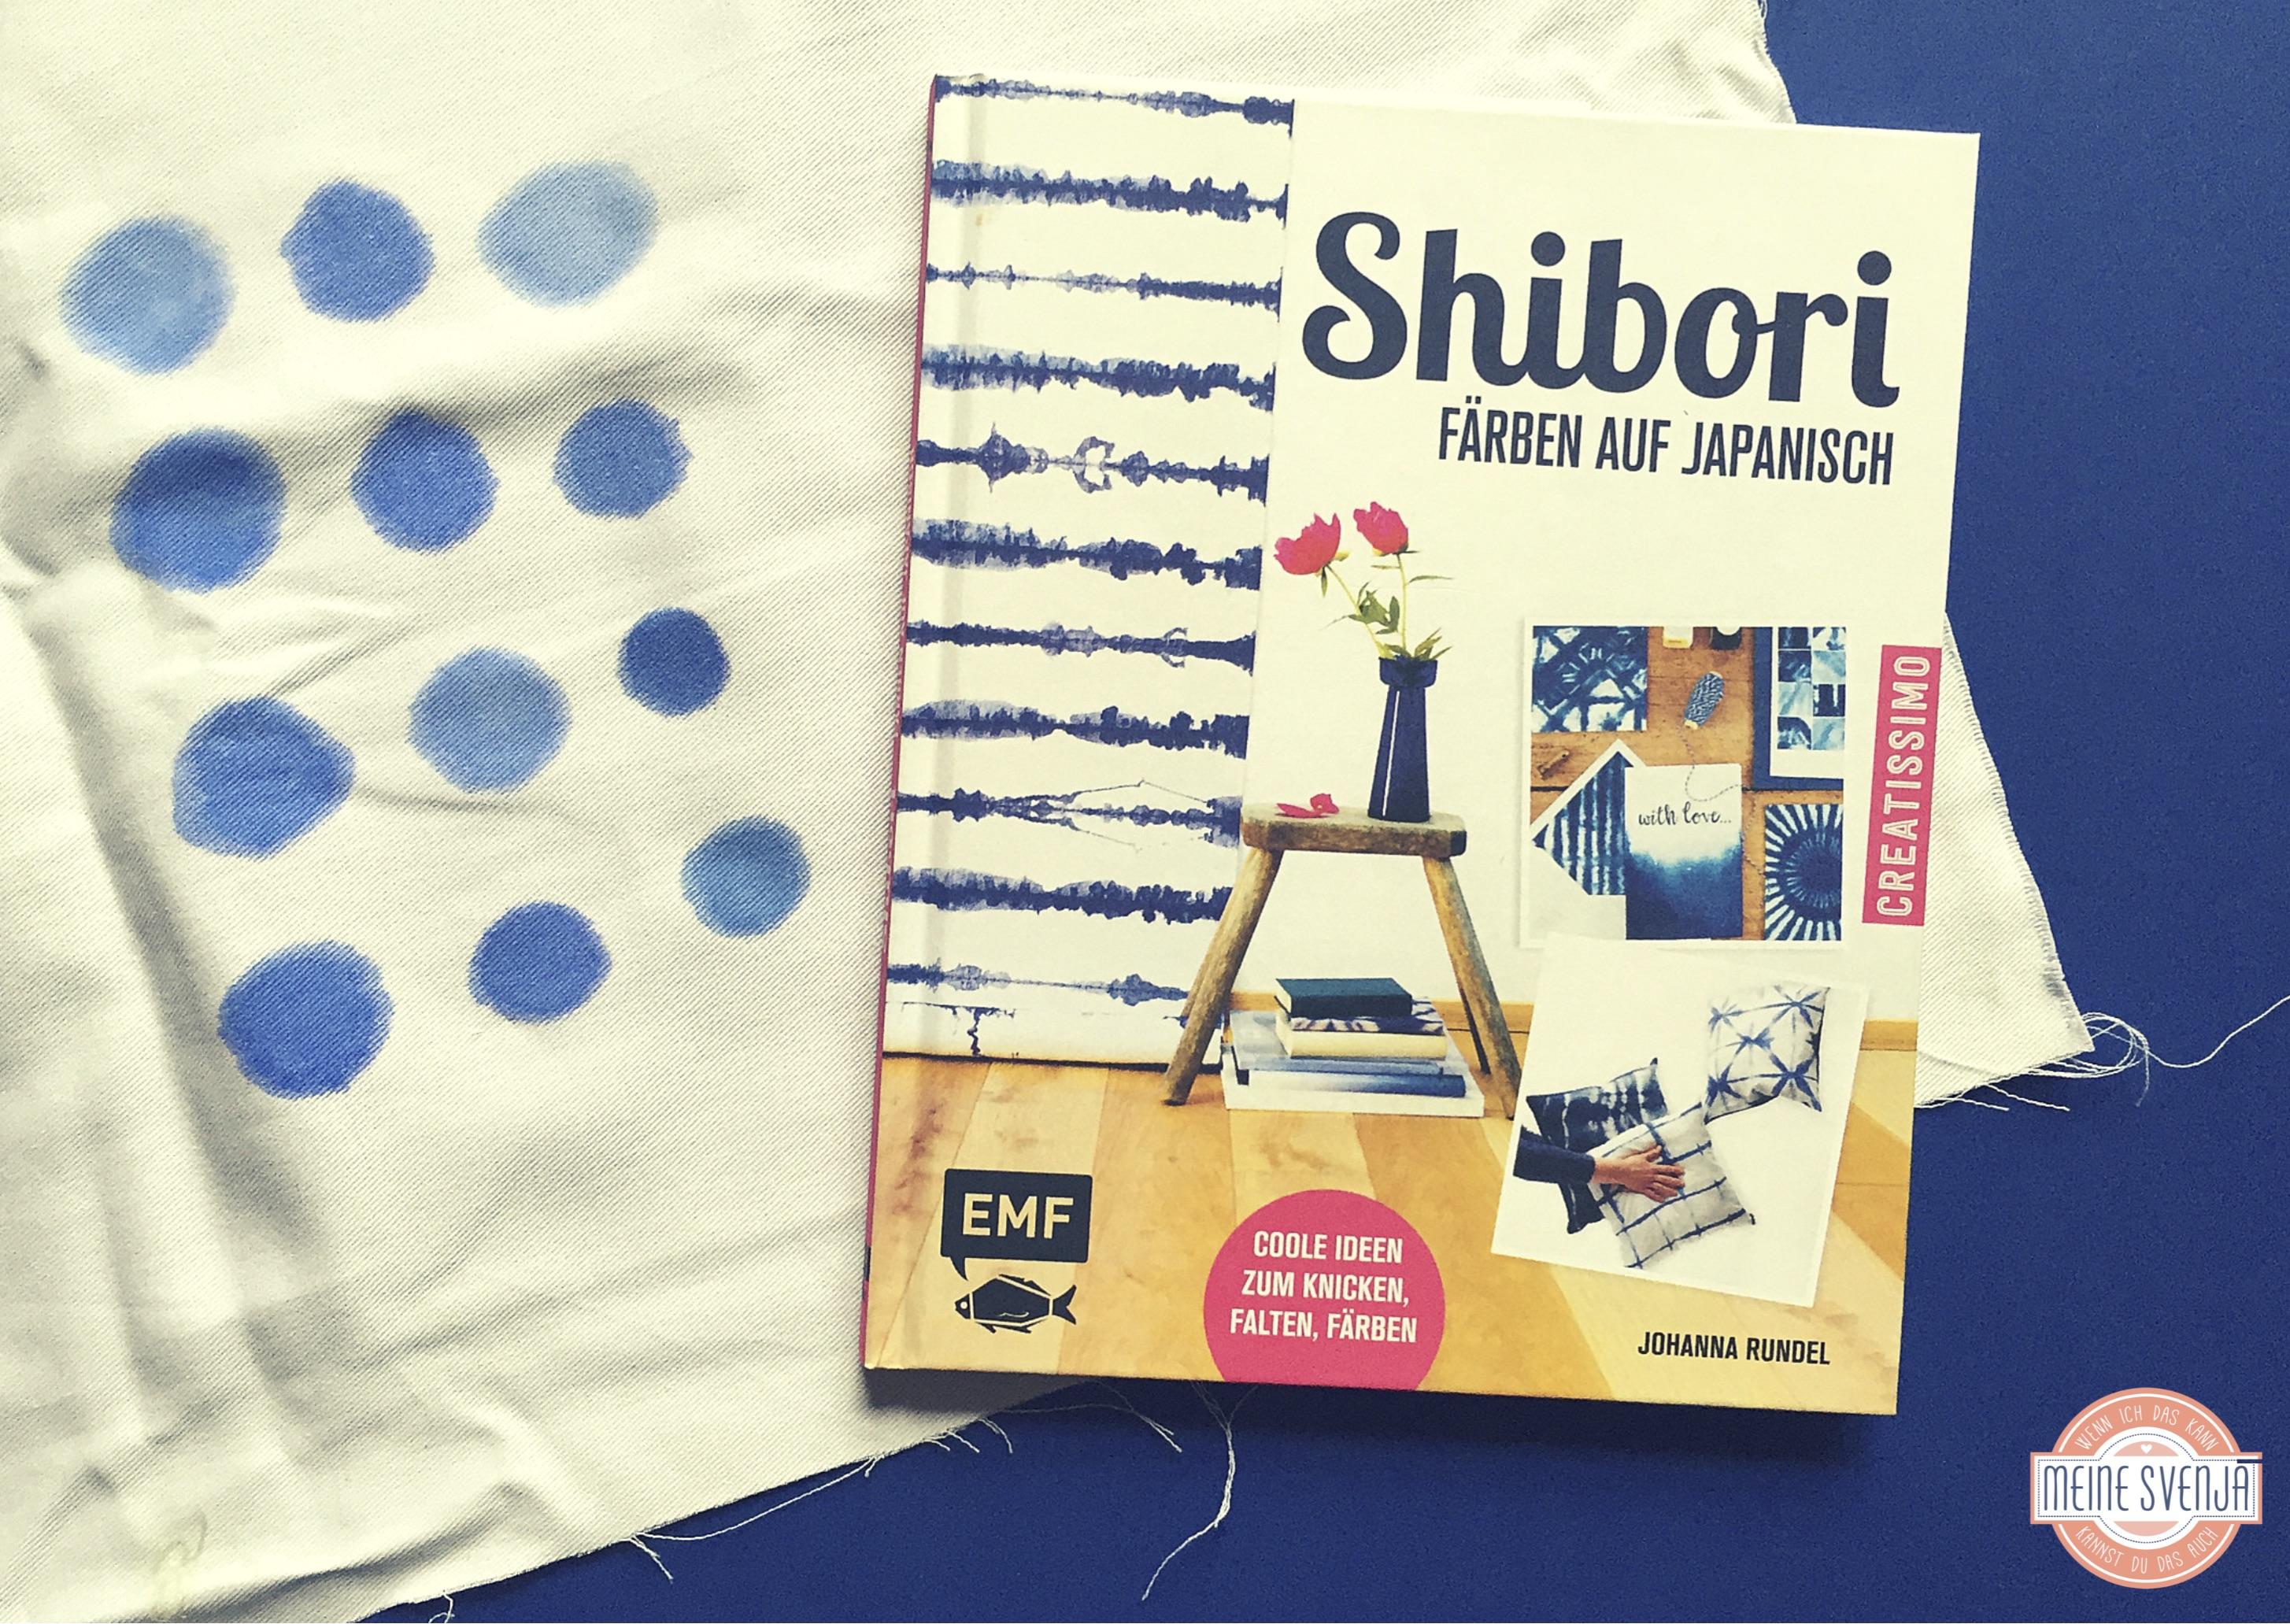 Shibori Meine Svenja